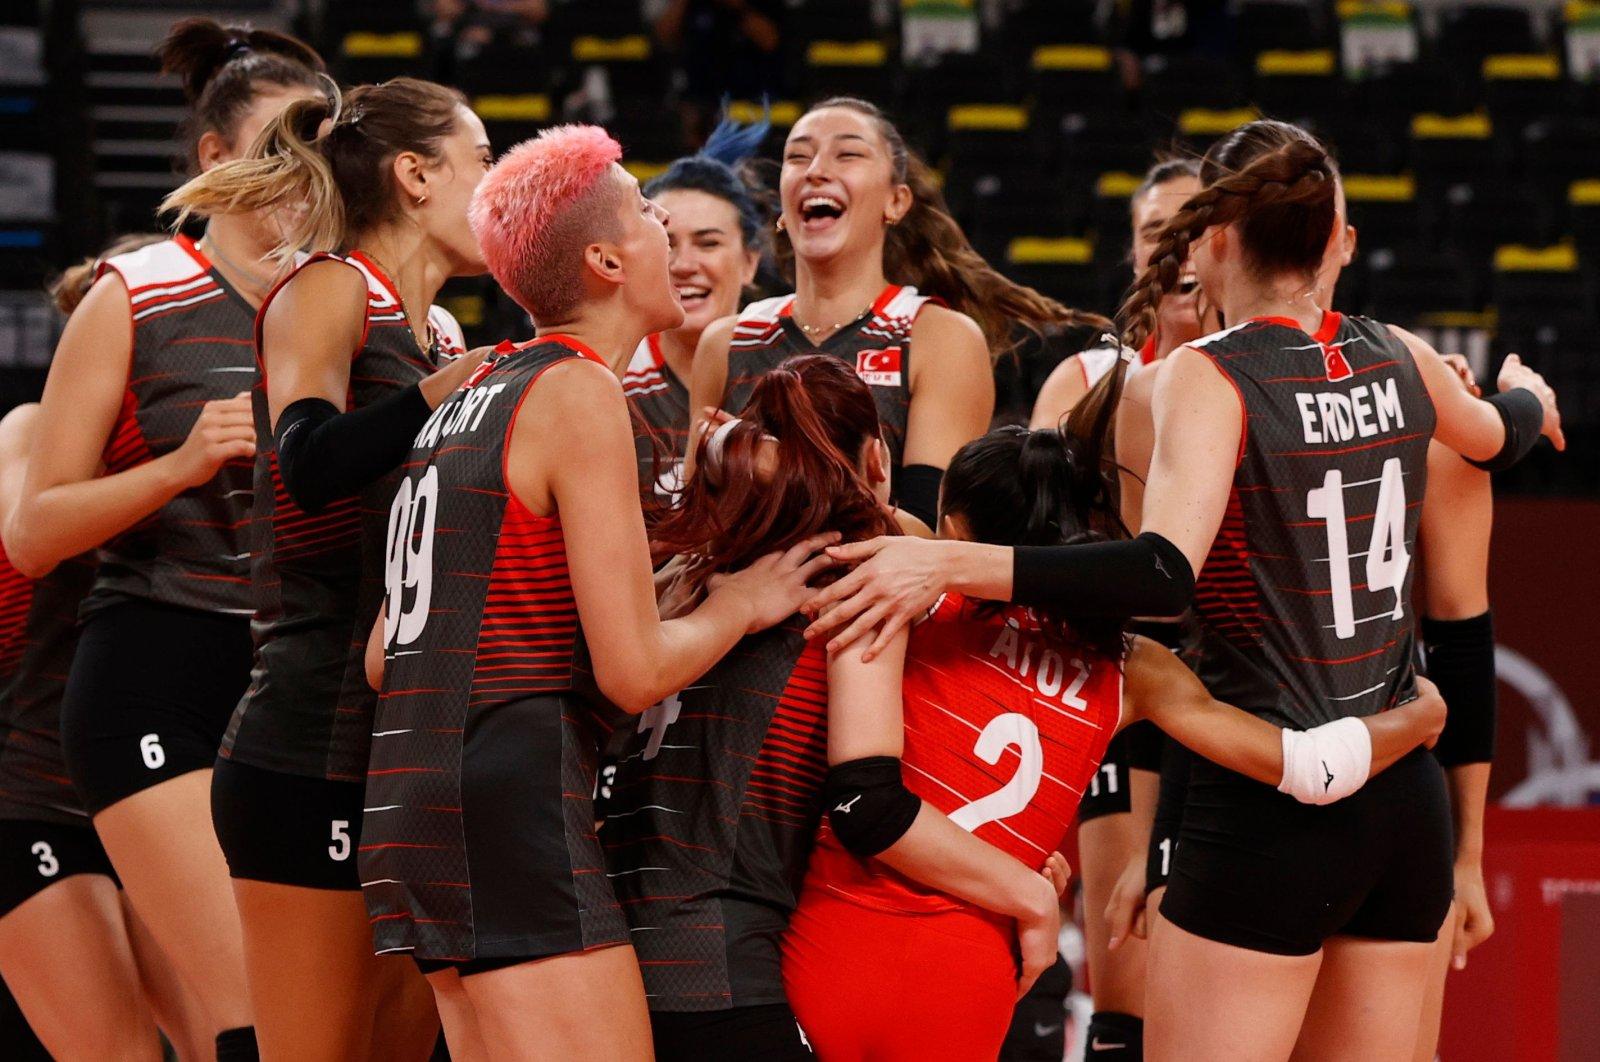 Женская сборная Турции по волейболу обыграла россиян и заняла третье место в олимпийской группе